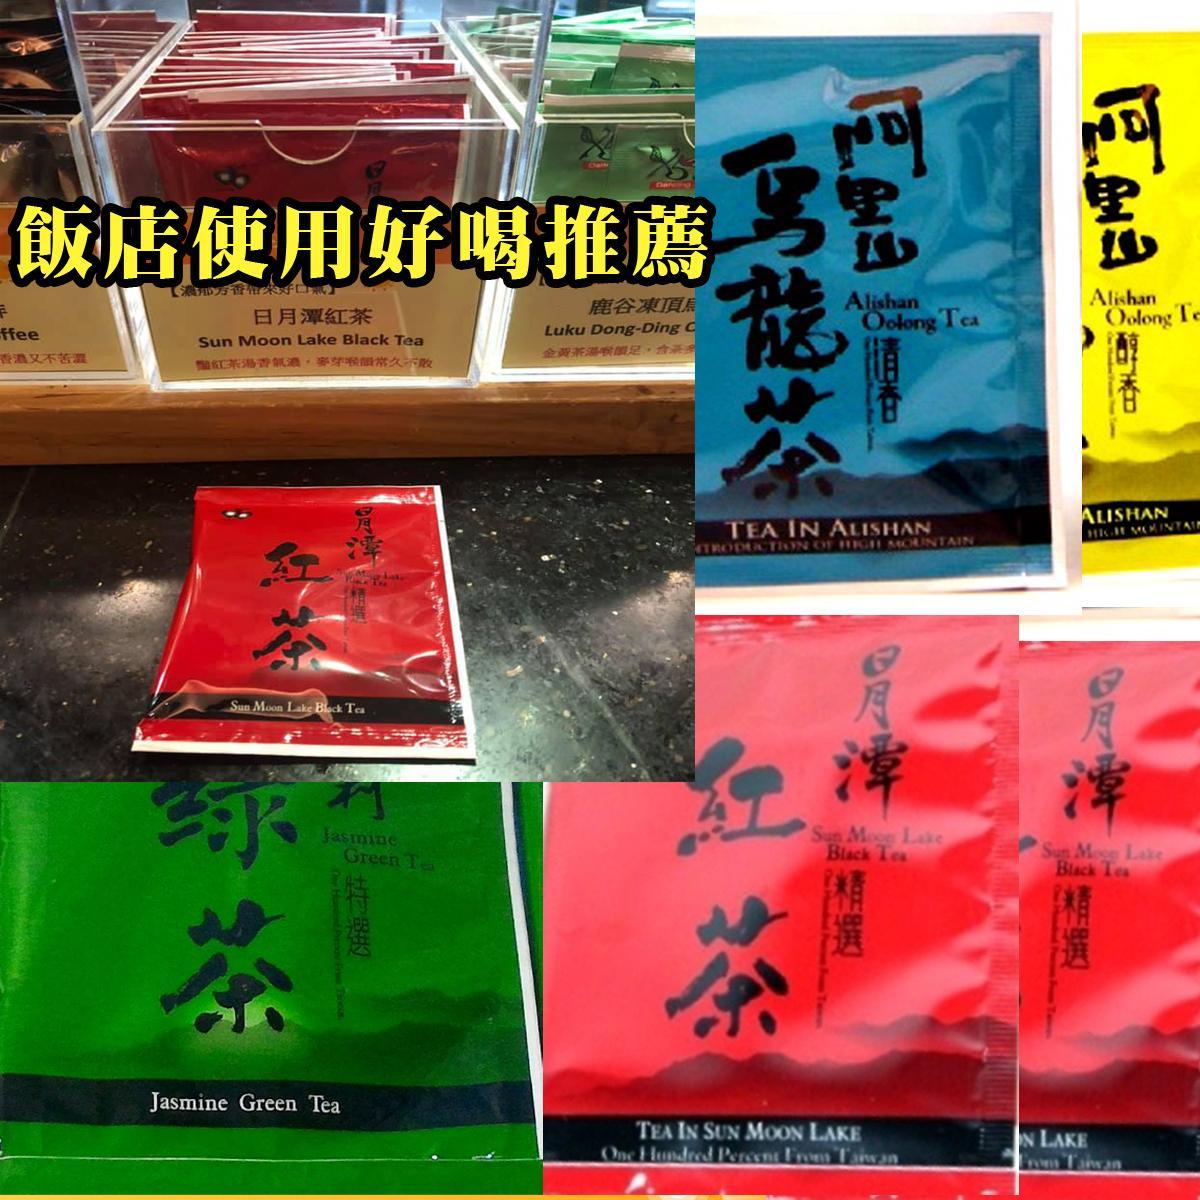 最新鮮 日月潭紅茶 阿里山茶 烏龍茶   茶包 銷售第一 阿里山 聯興 茶葉 福聯興 超好喝